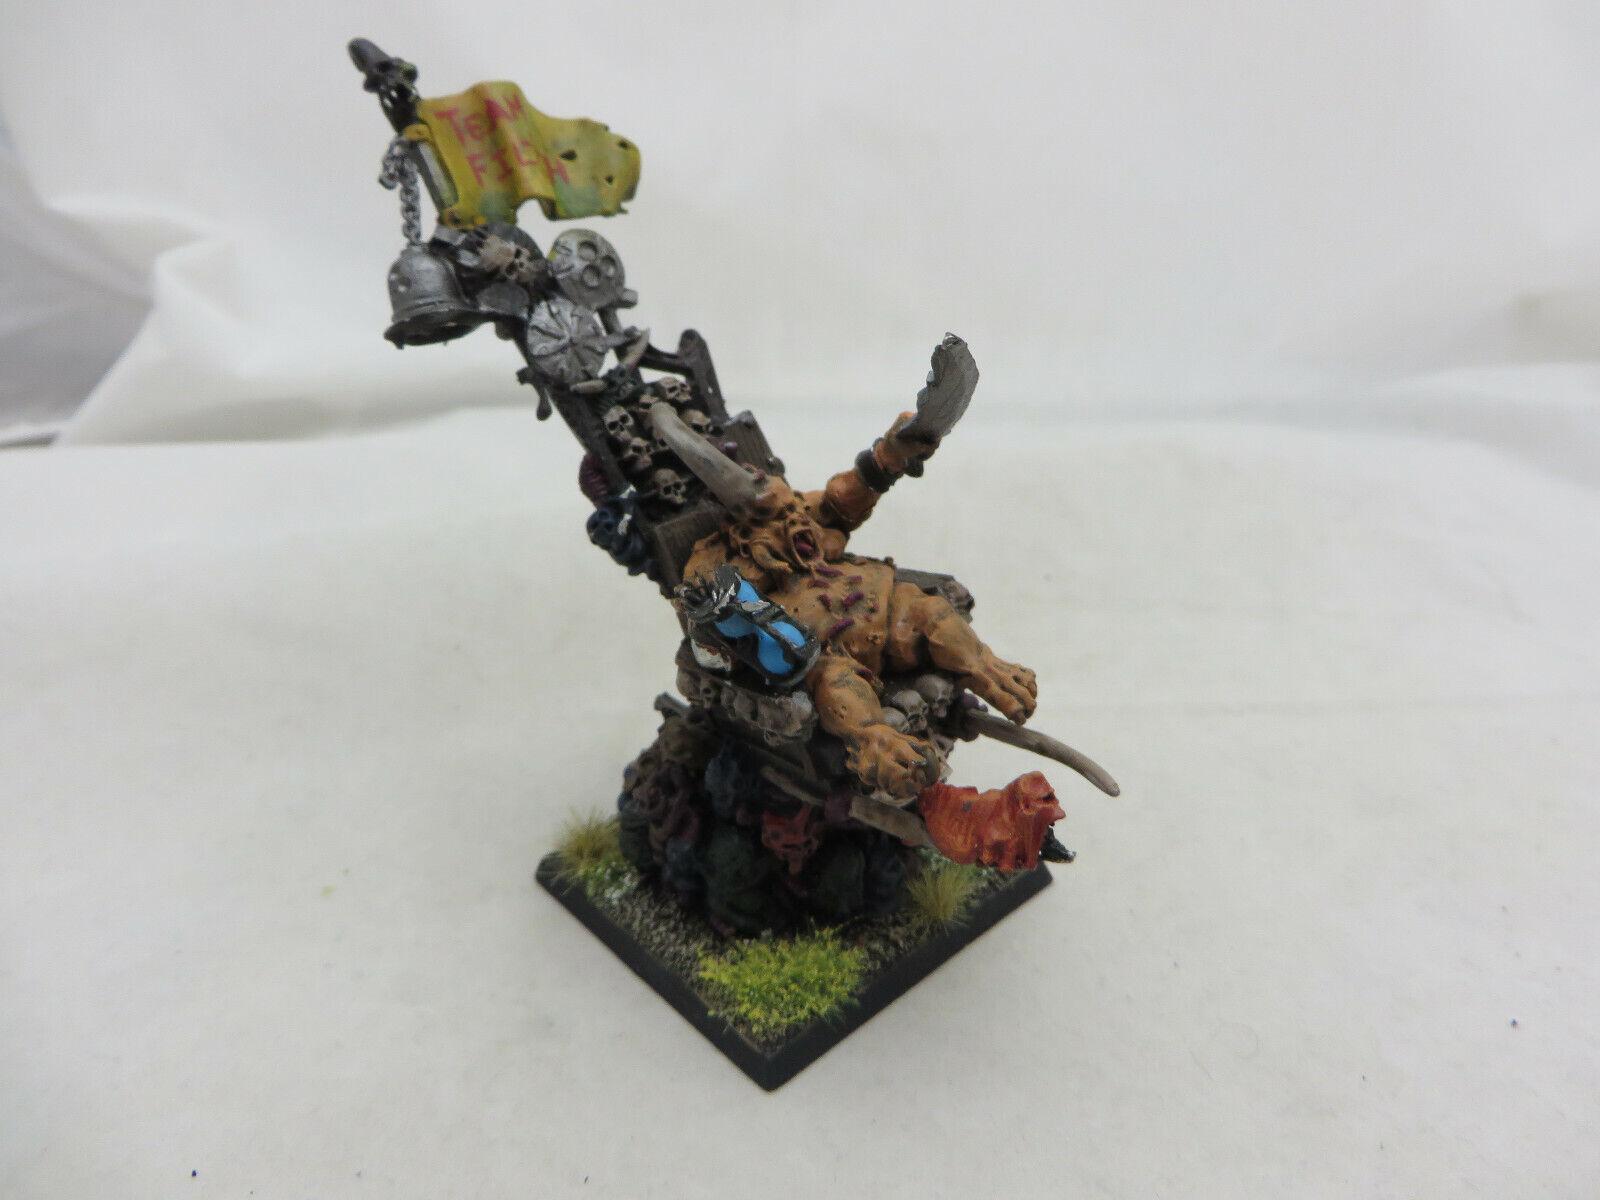 Warhammer 40K Chaos Daemon demon  Epidemius nurgle army lot metal oop painted  risposta prima volta